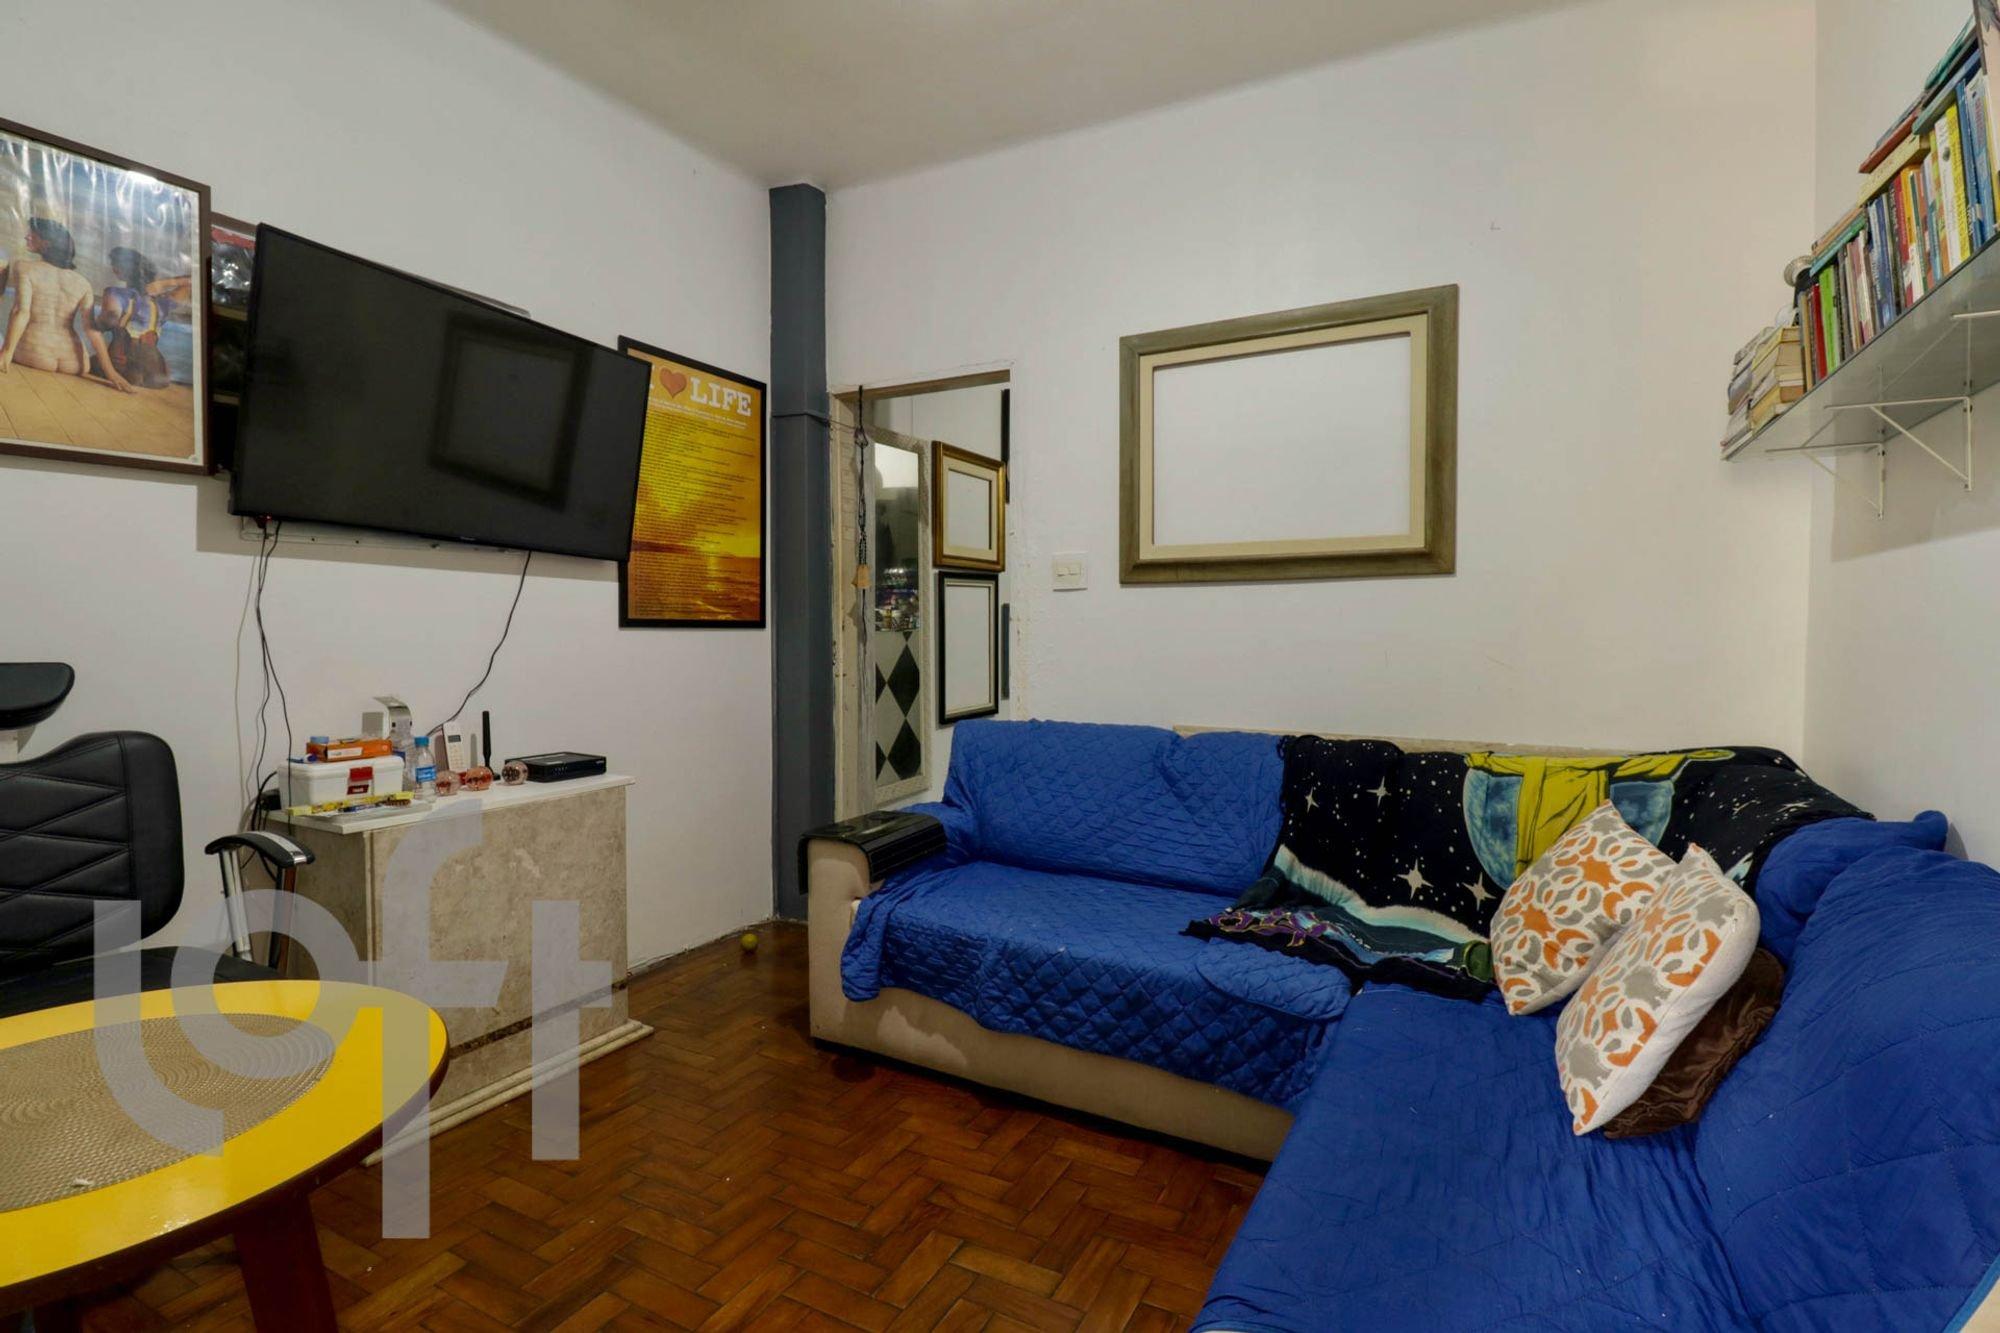 Foto de Quarto com sofá, televisão, mesa de jantar